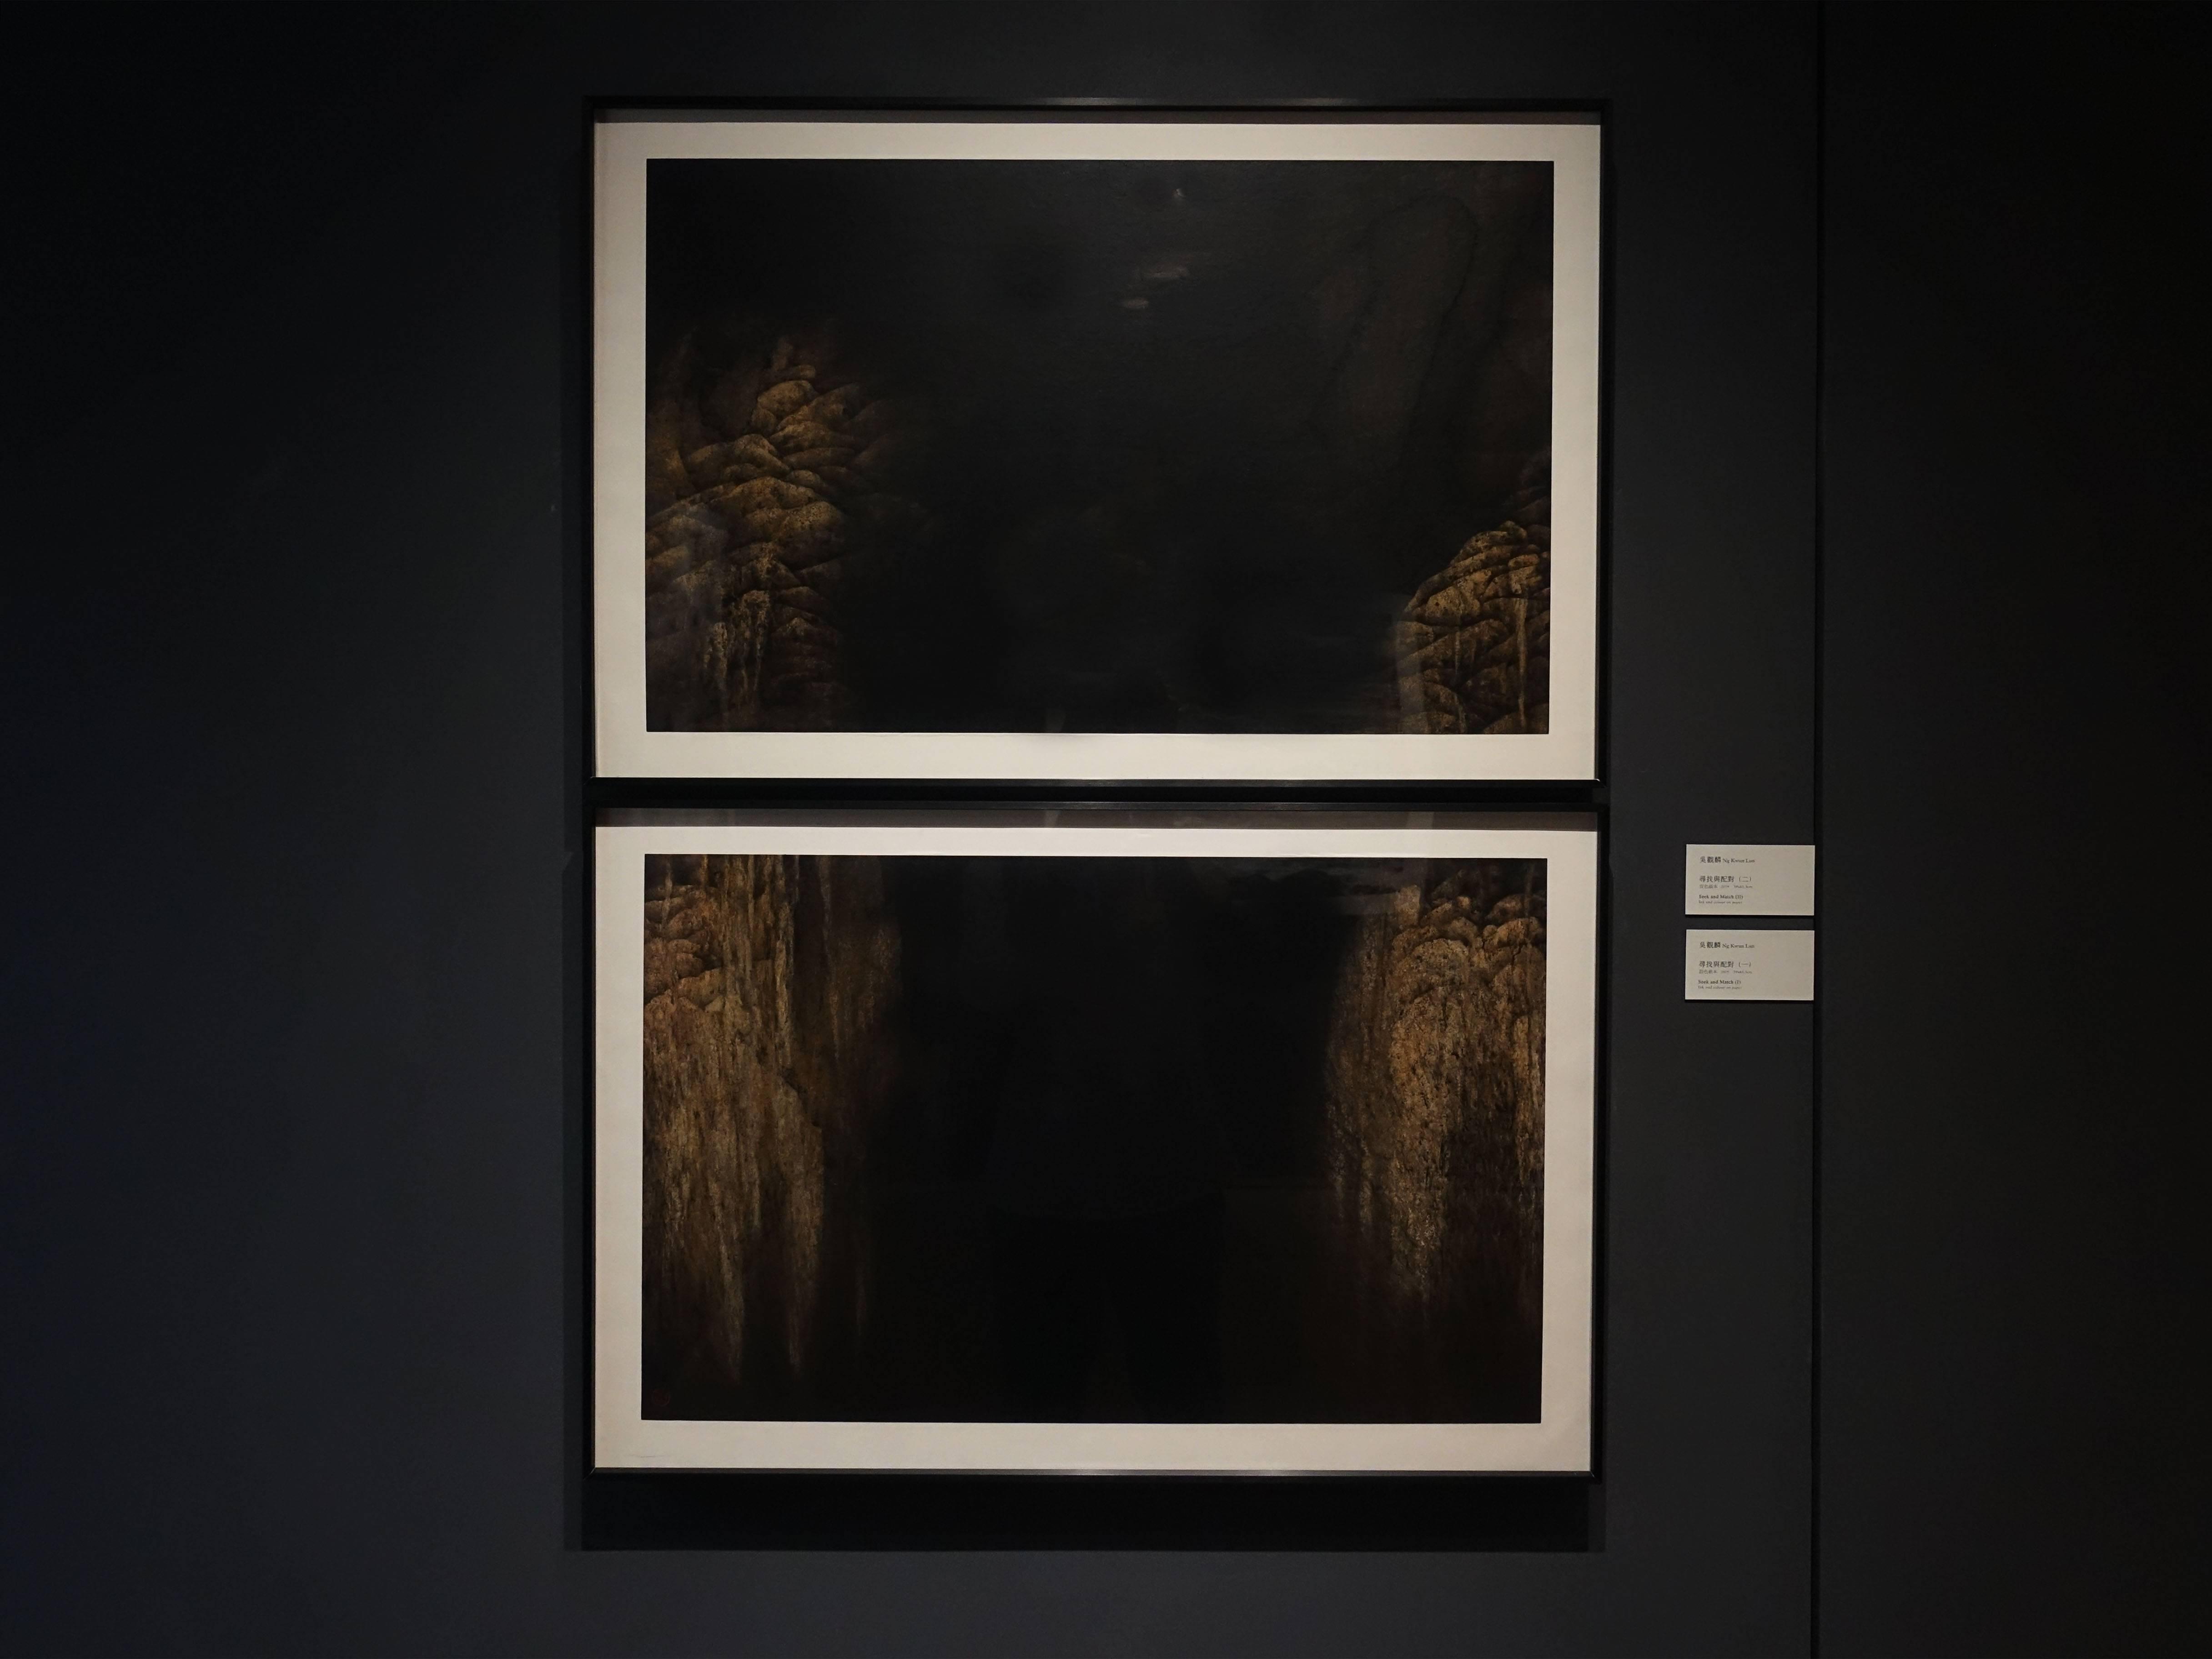 吳觀麟,《尋找與配對1》《尋找與配對2》,水墨設色紙本,2019。